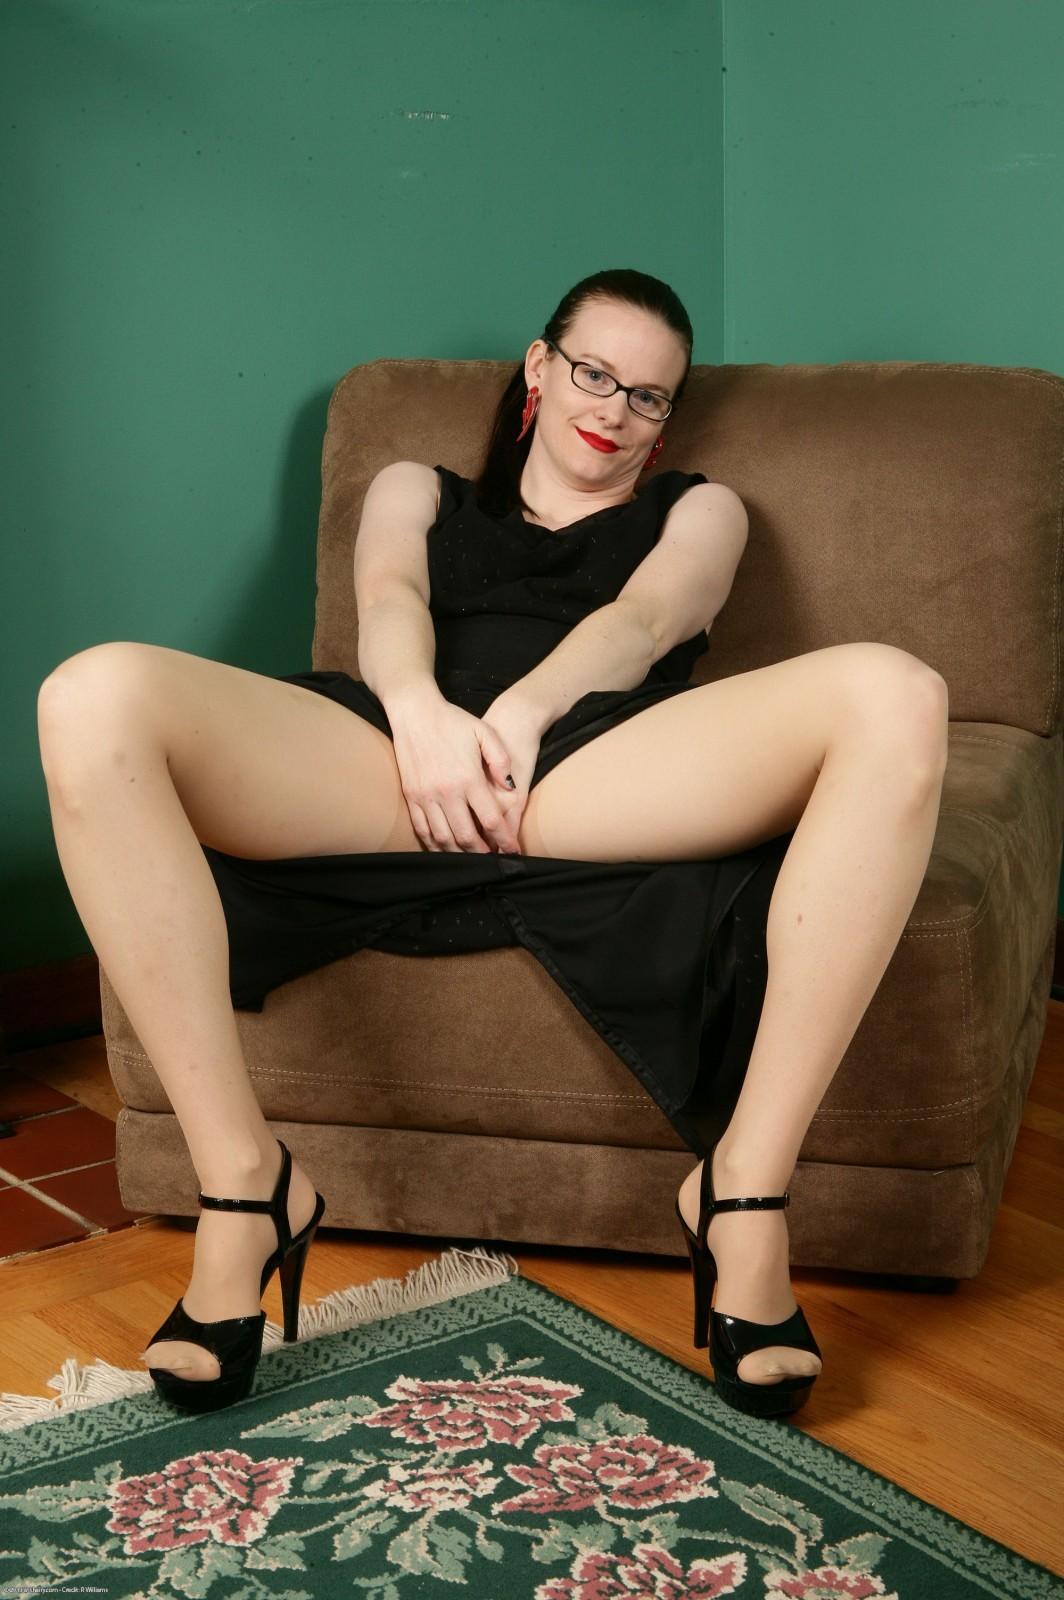 Представительница слабого пола в очках обнажила волосатое влагалище и чистый анус